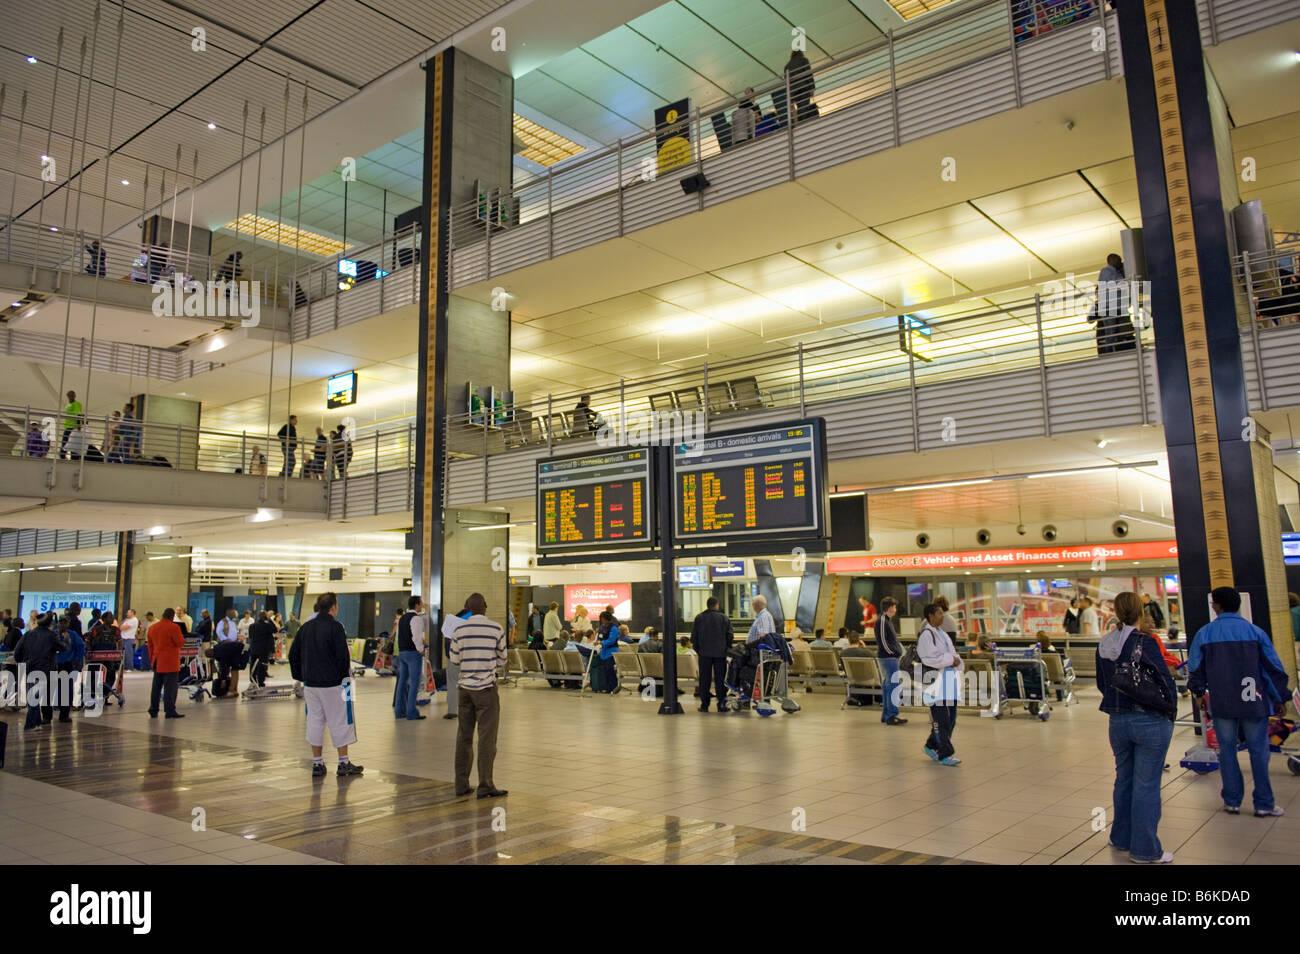 L'aéroport international Jo-burg JNB Johannesburg Afrique du Sud Afrique du sud-pancarte bureau panneau Photo Stock